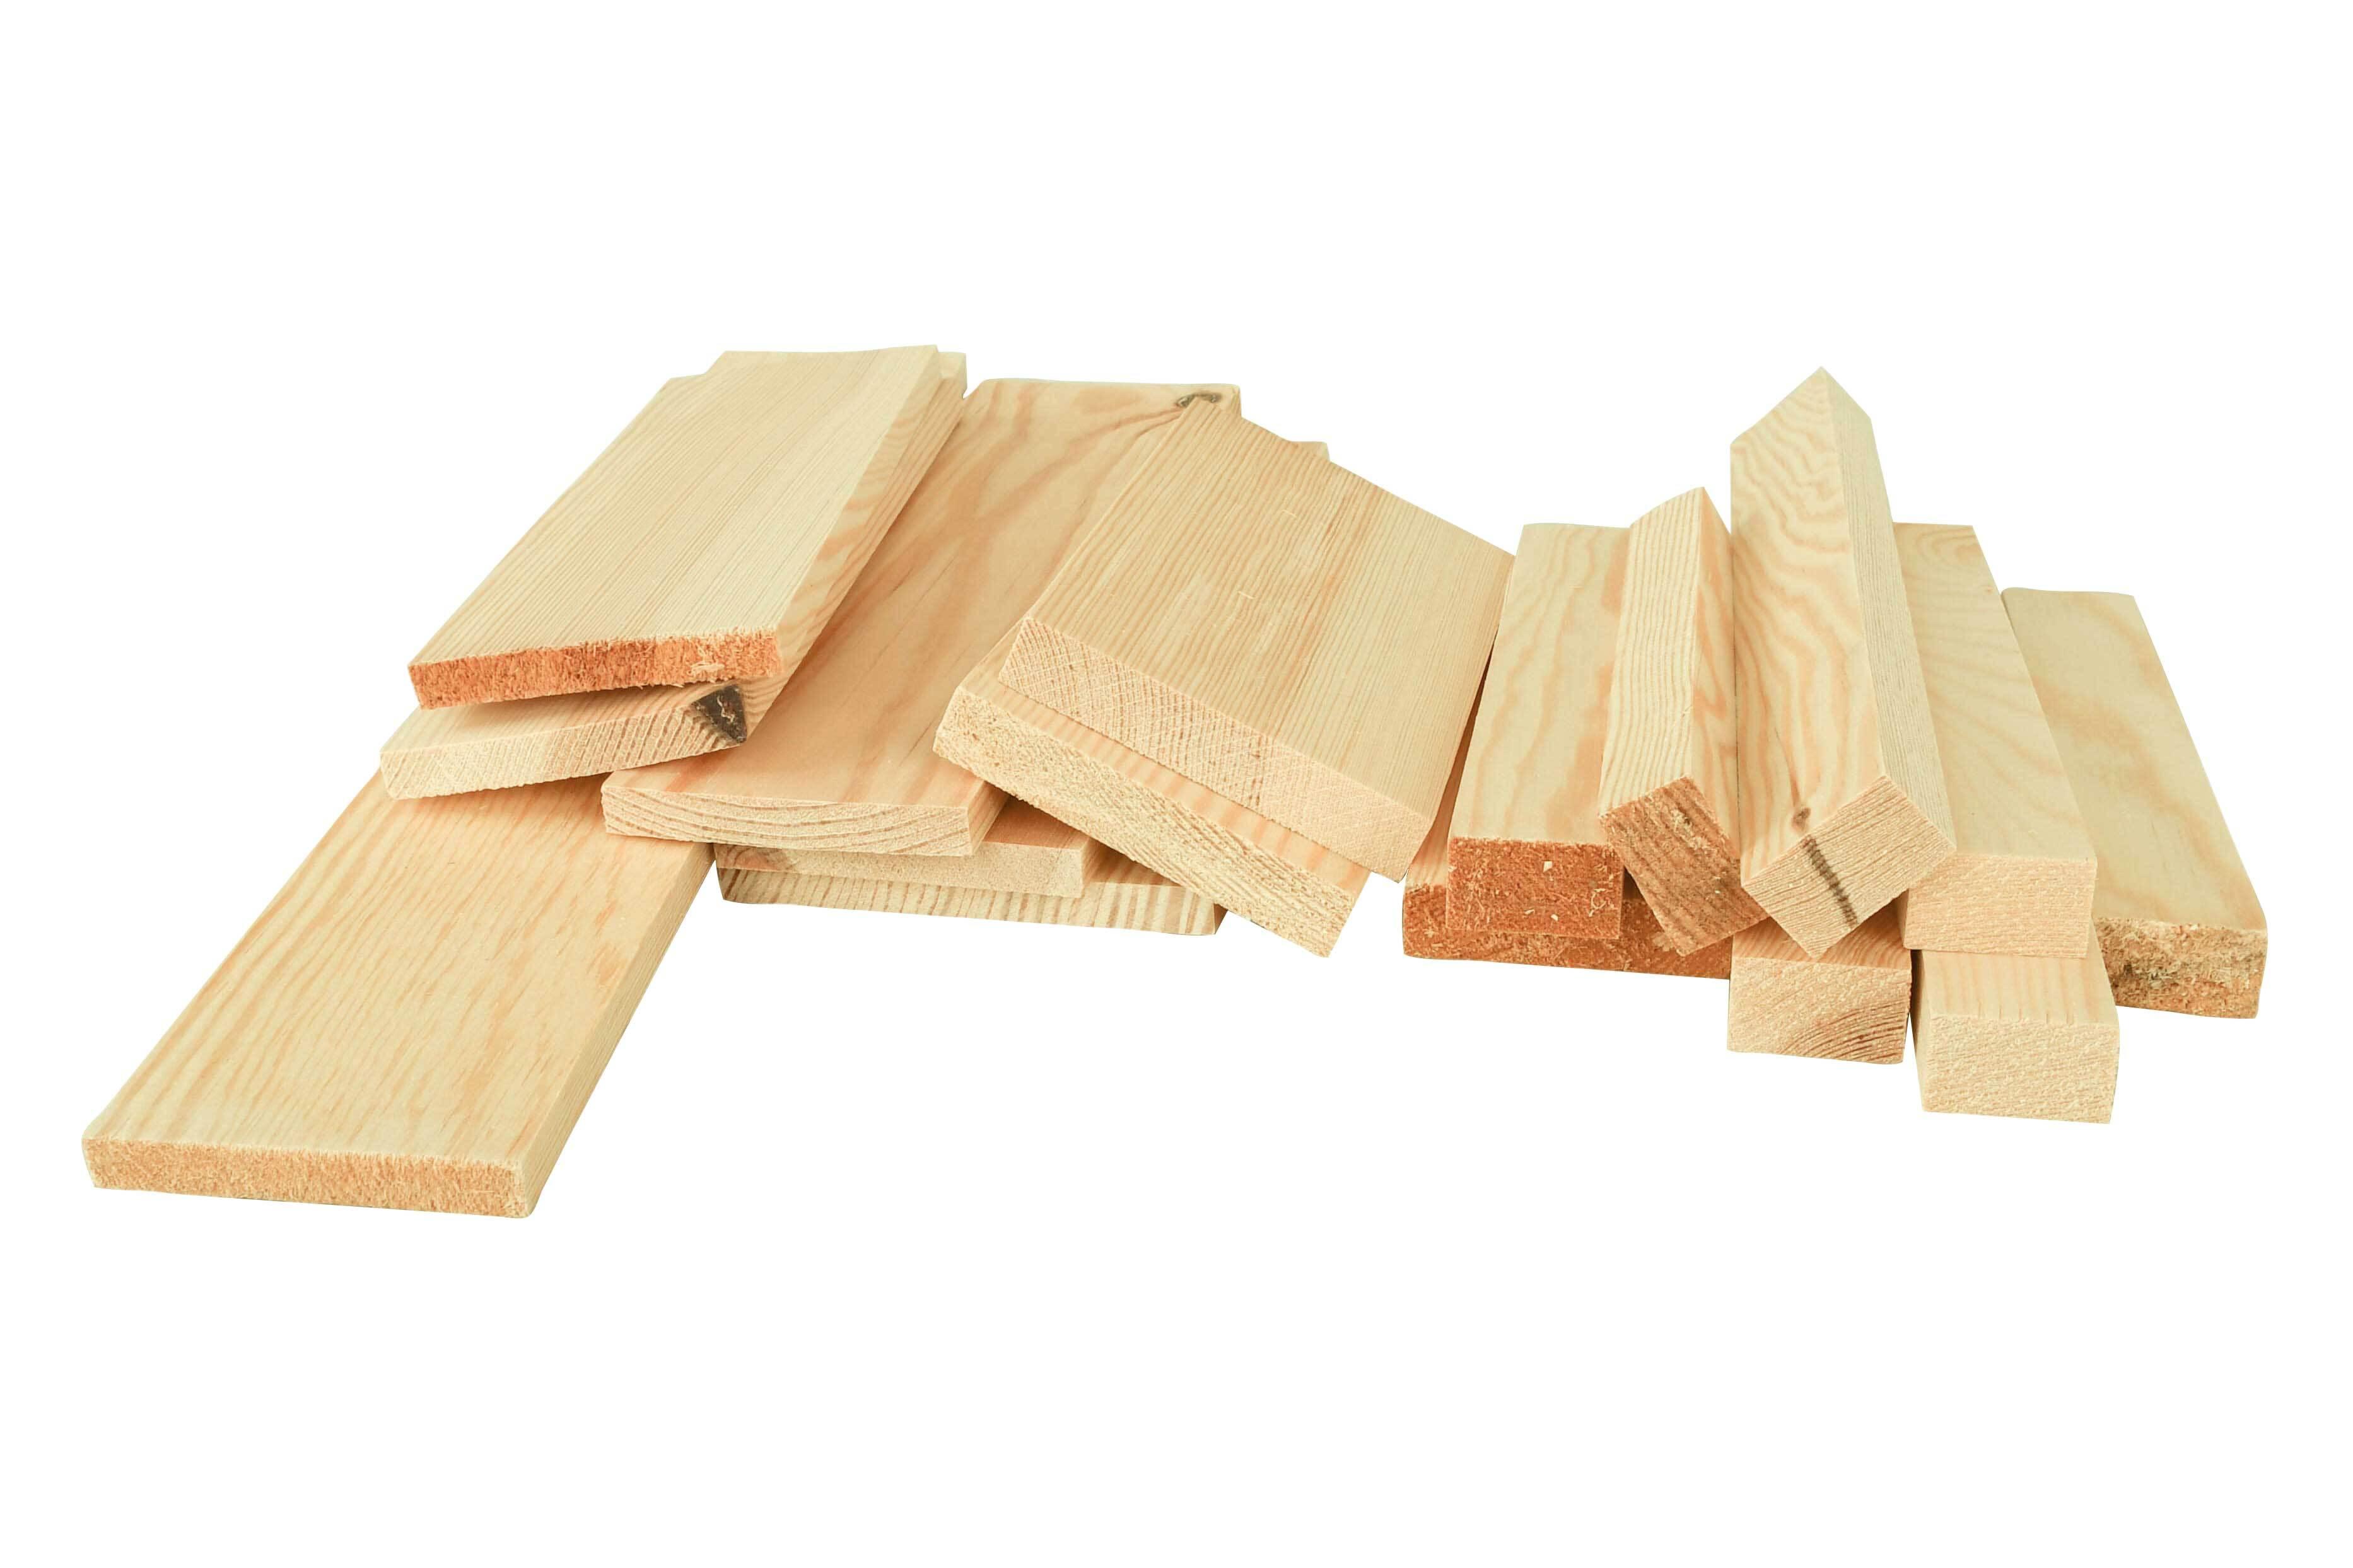 Houten blokjes - grenen, ca. 3 meter